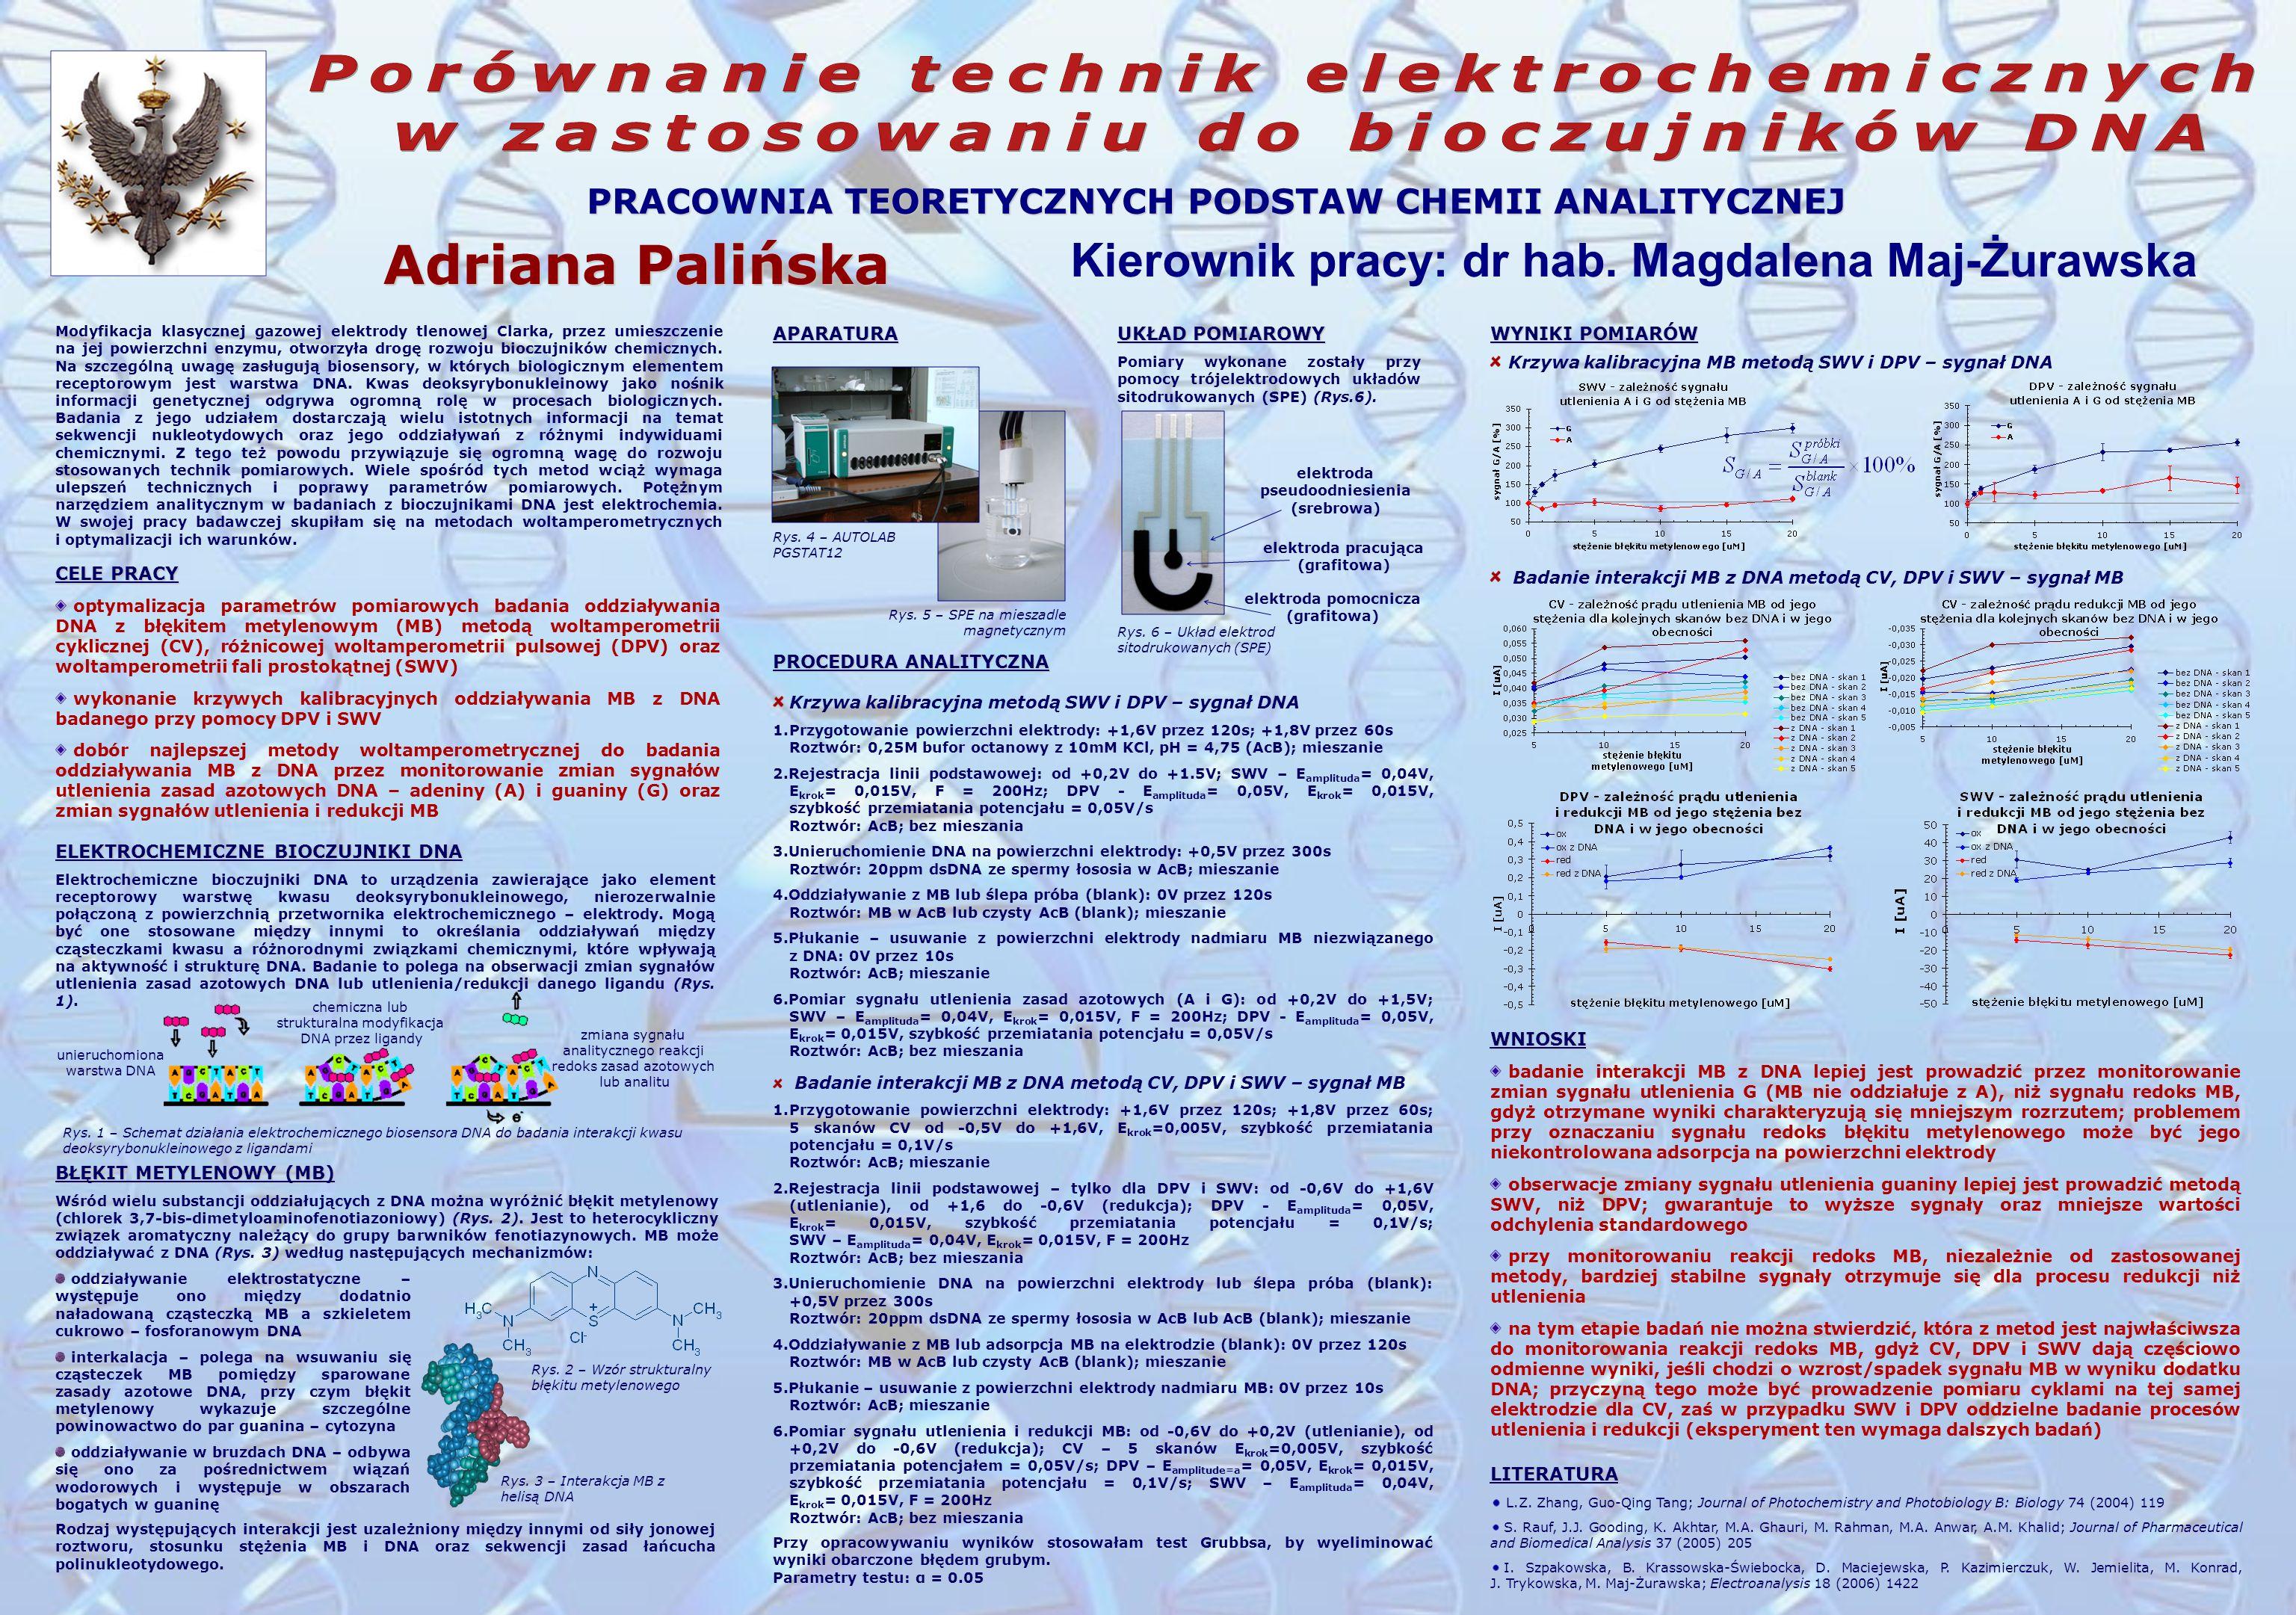 Adriana Palińska Porównanie technik elektrochemicznych